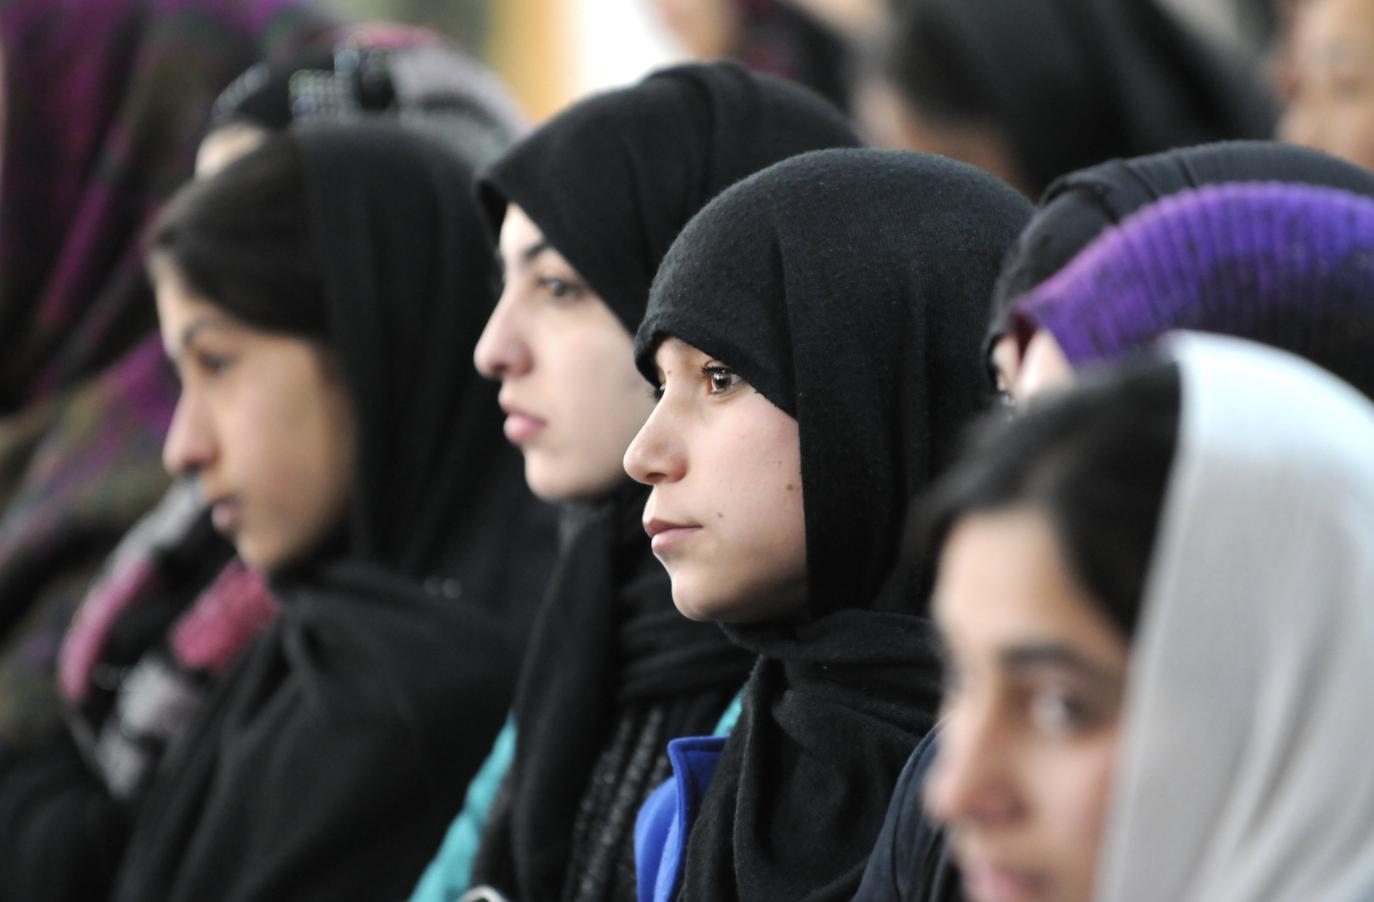 Mujeres de Afganistán, más visibles que nunca.